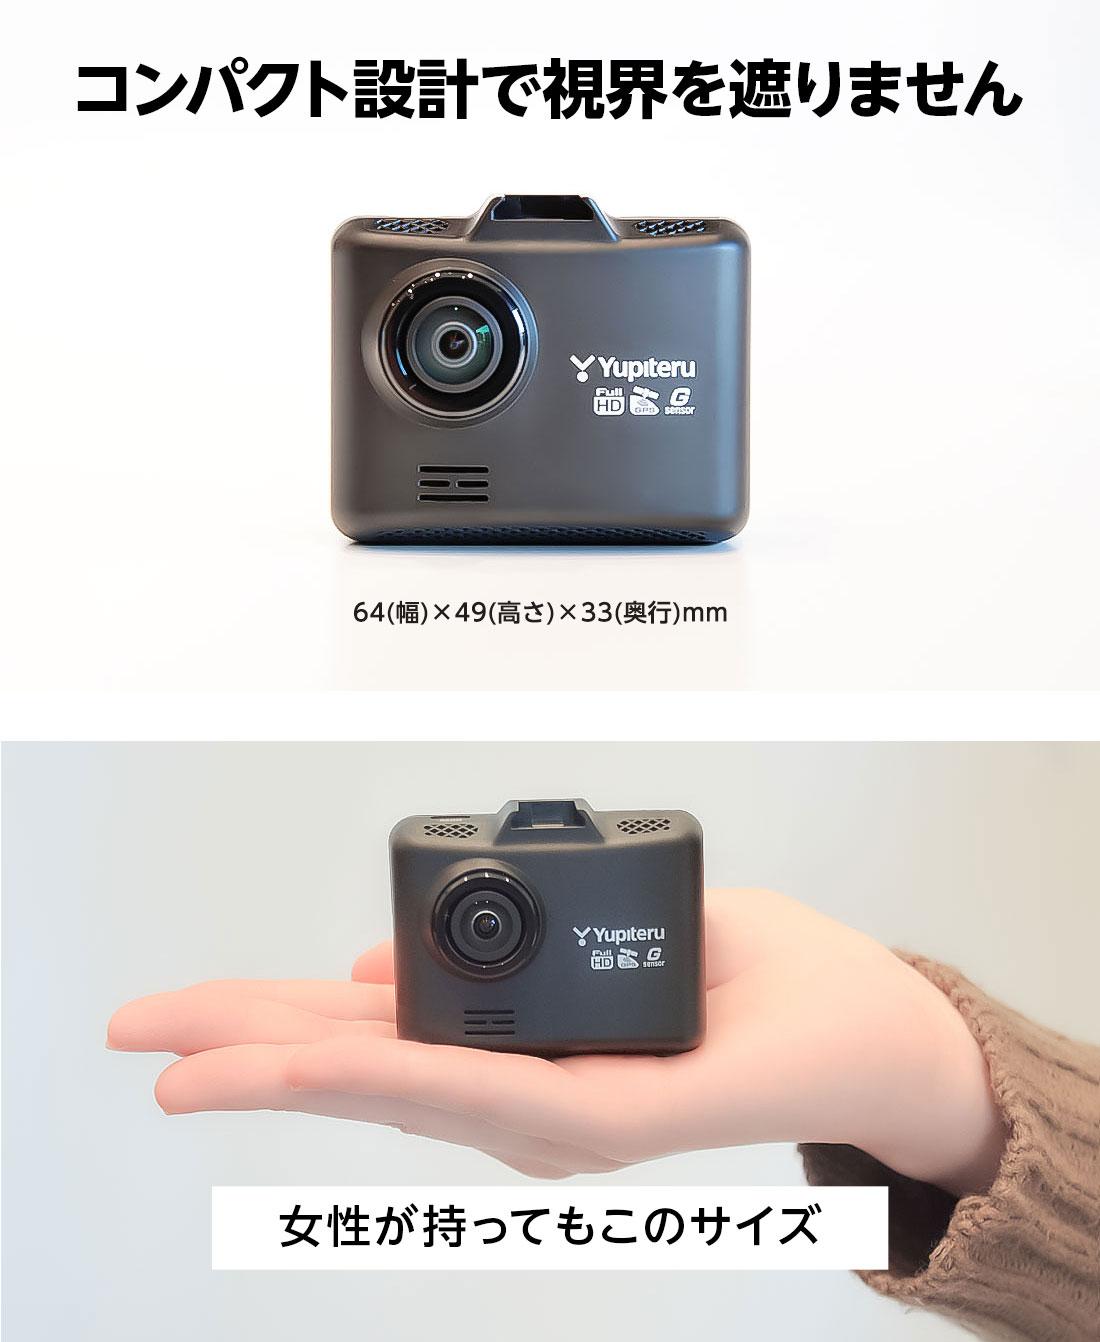 コンパクト設計で視界の妨げを防ぎます SN-ST3200P